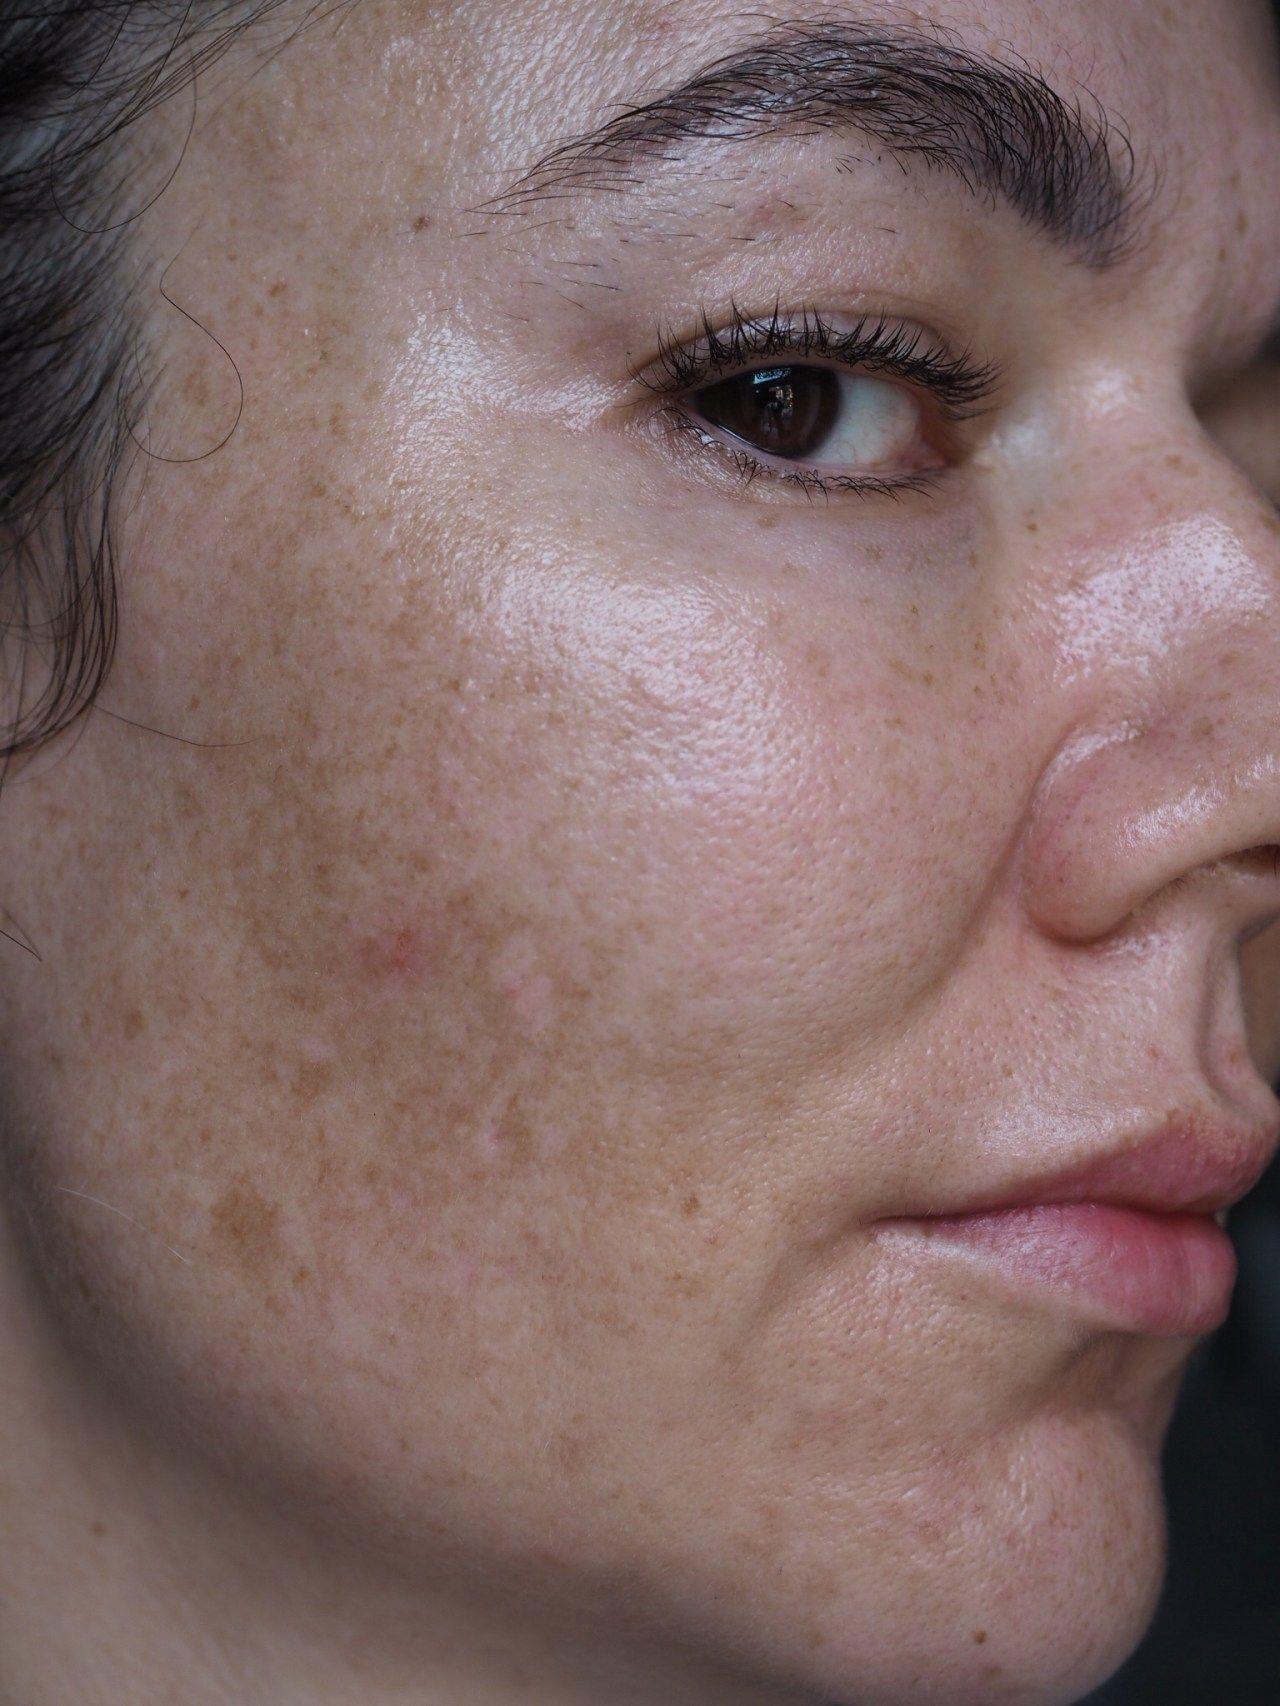 Pin On Skin